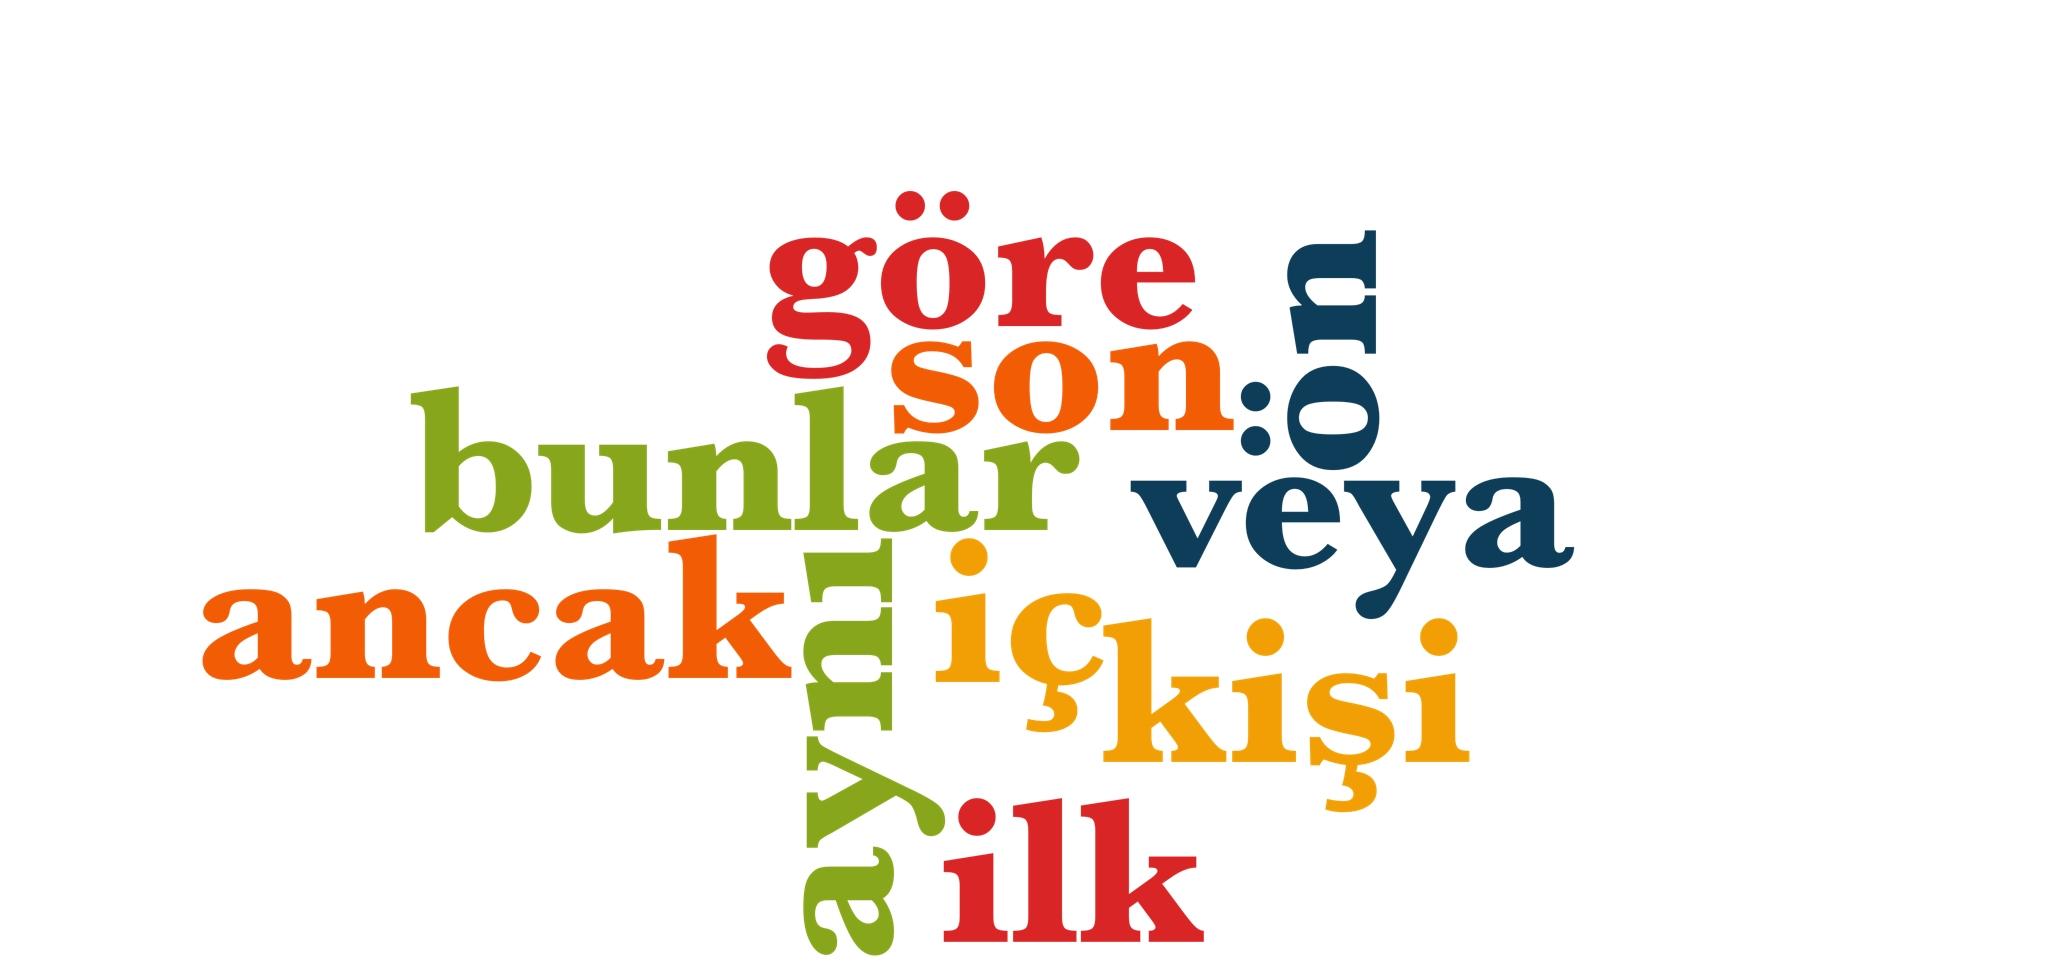 Wörter 91 bis 100 der 1000 häufigsten Wörter der türkischen Sprache